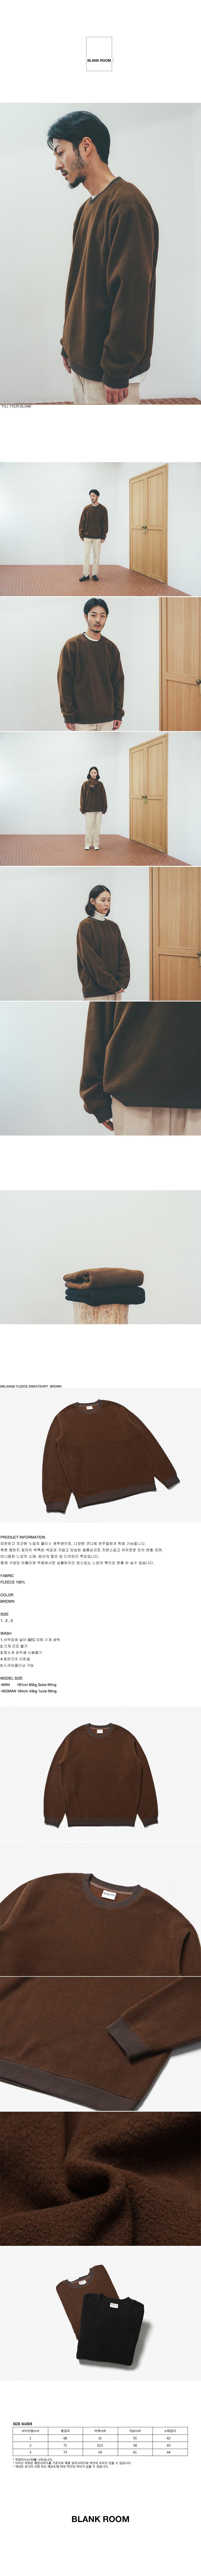 블랭크룸(BLANK ROOM) 멜란지 프리스 스웻셔츠_브라운